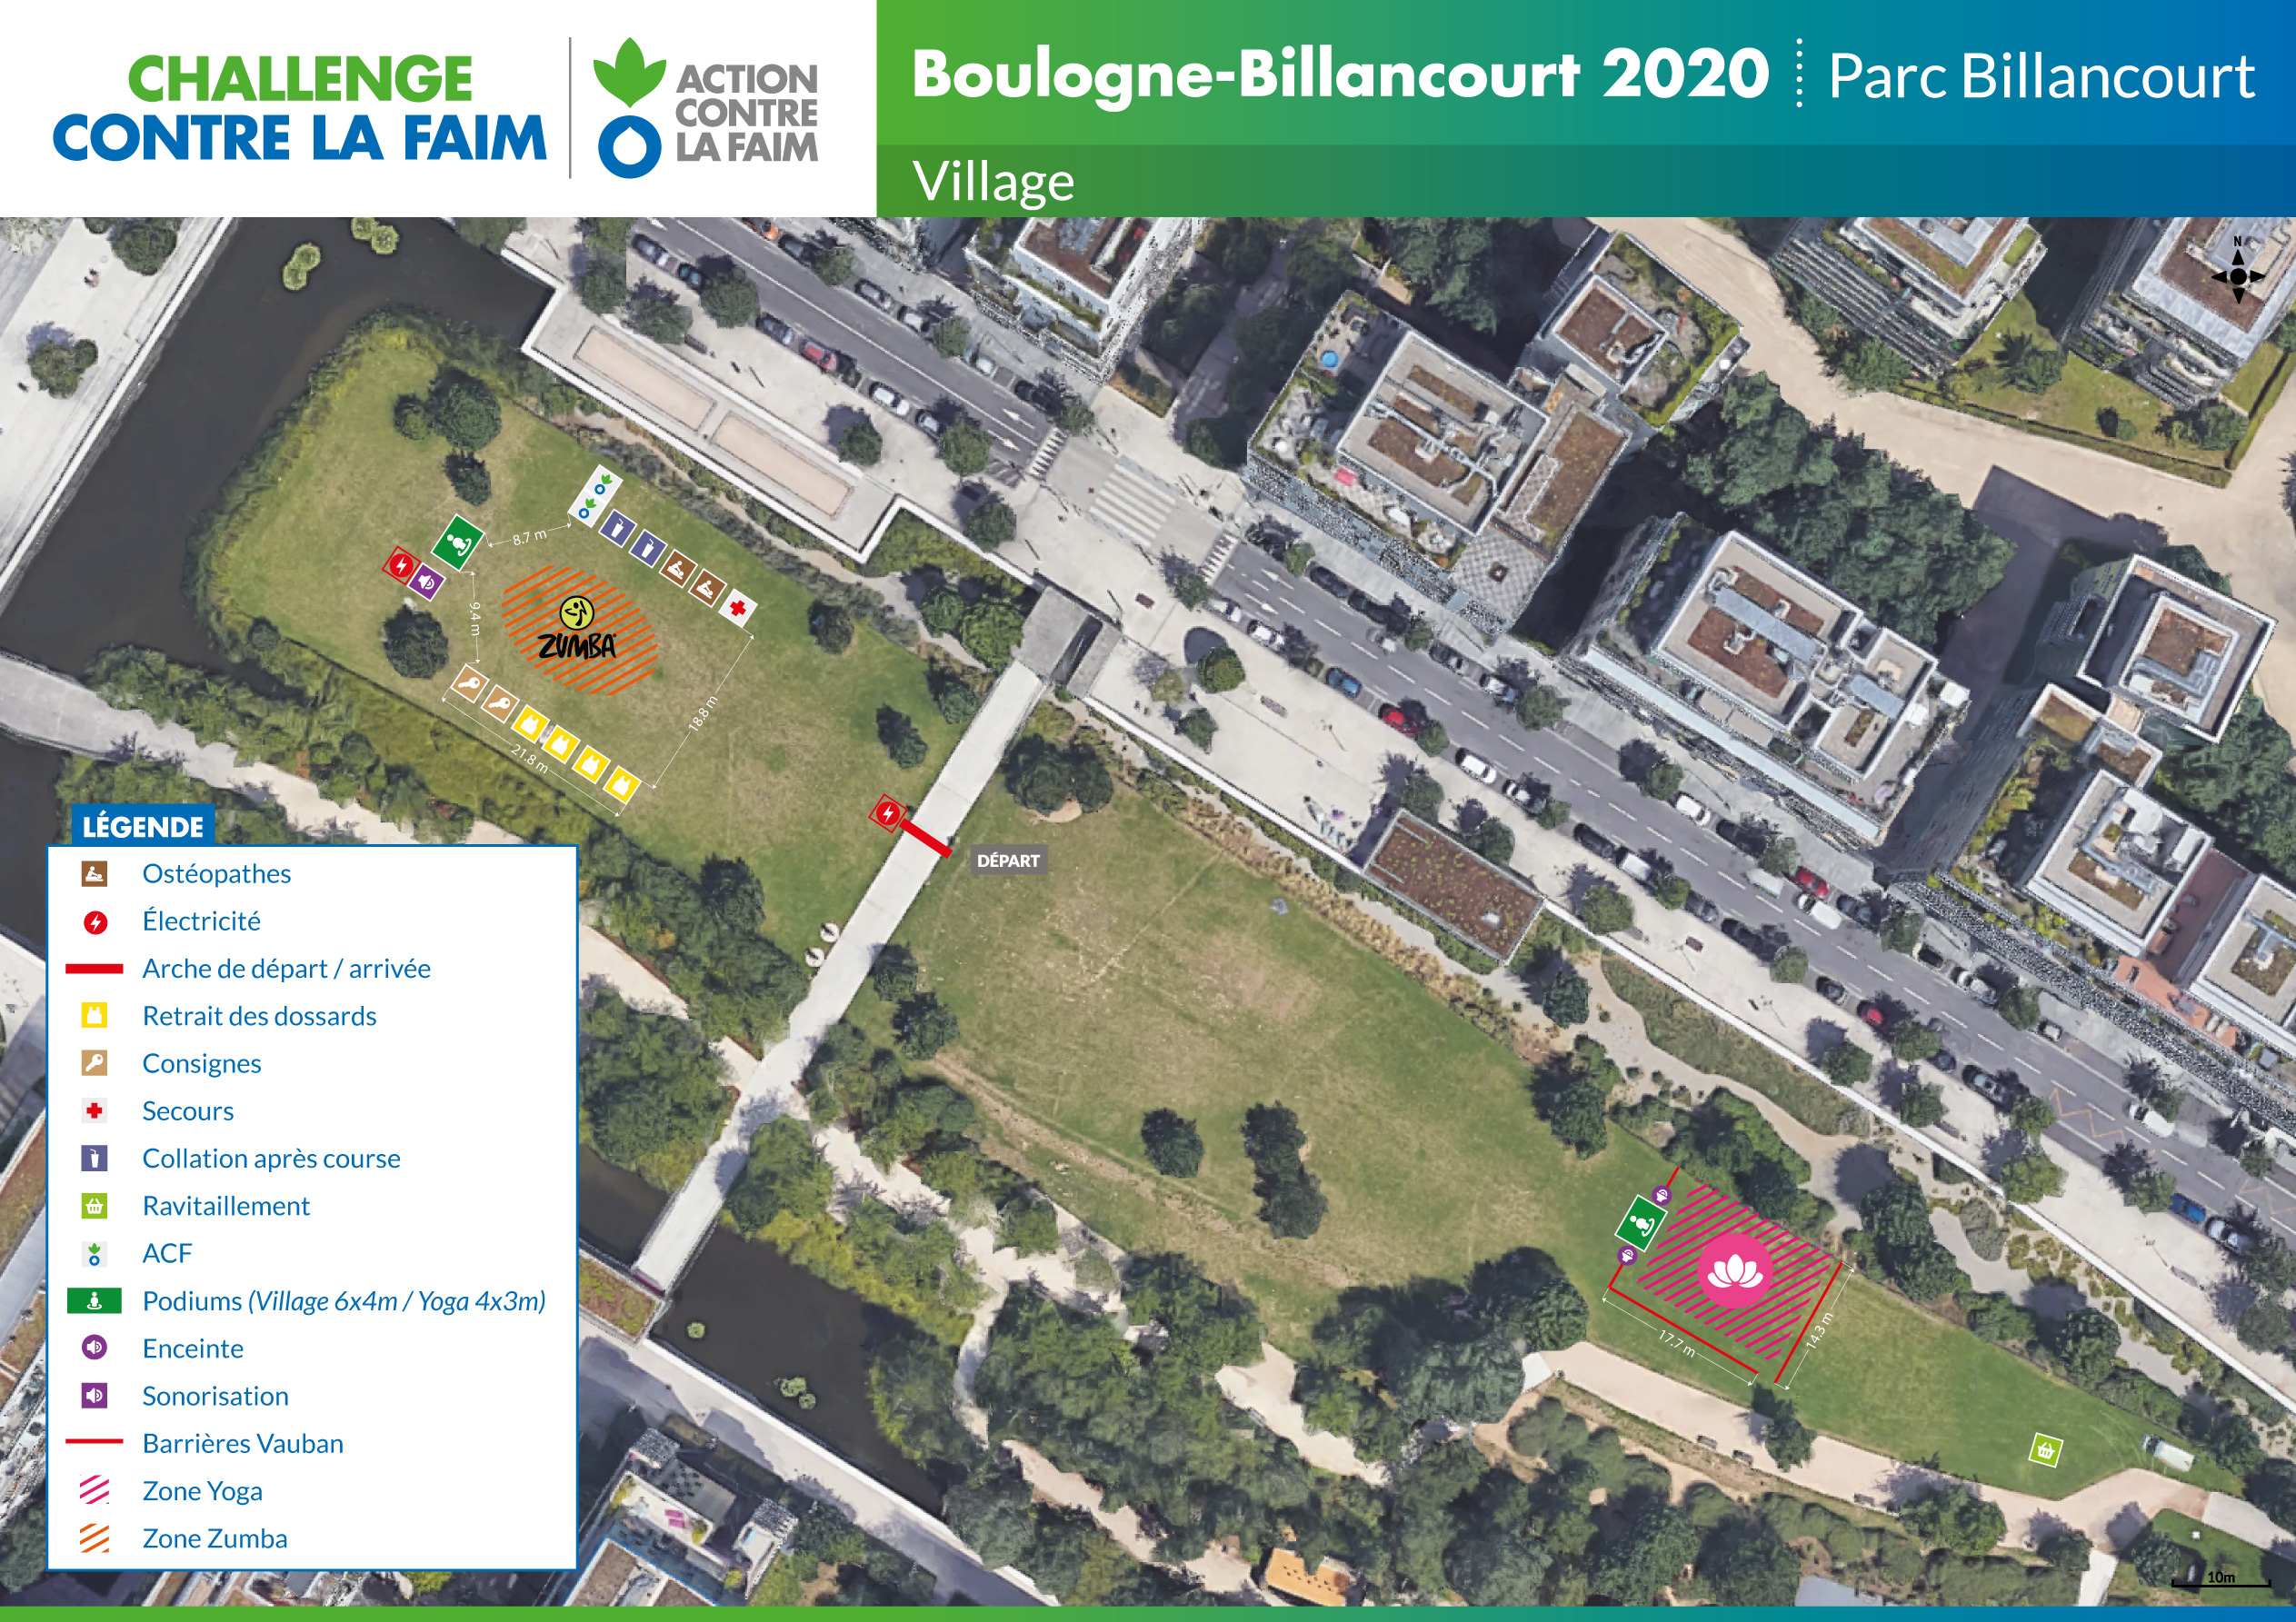 acf20_boulogne_plan-dimplantation_kco_20191216